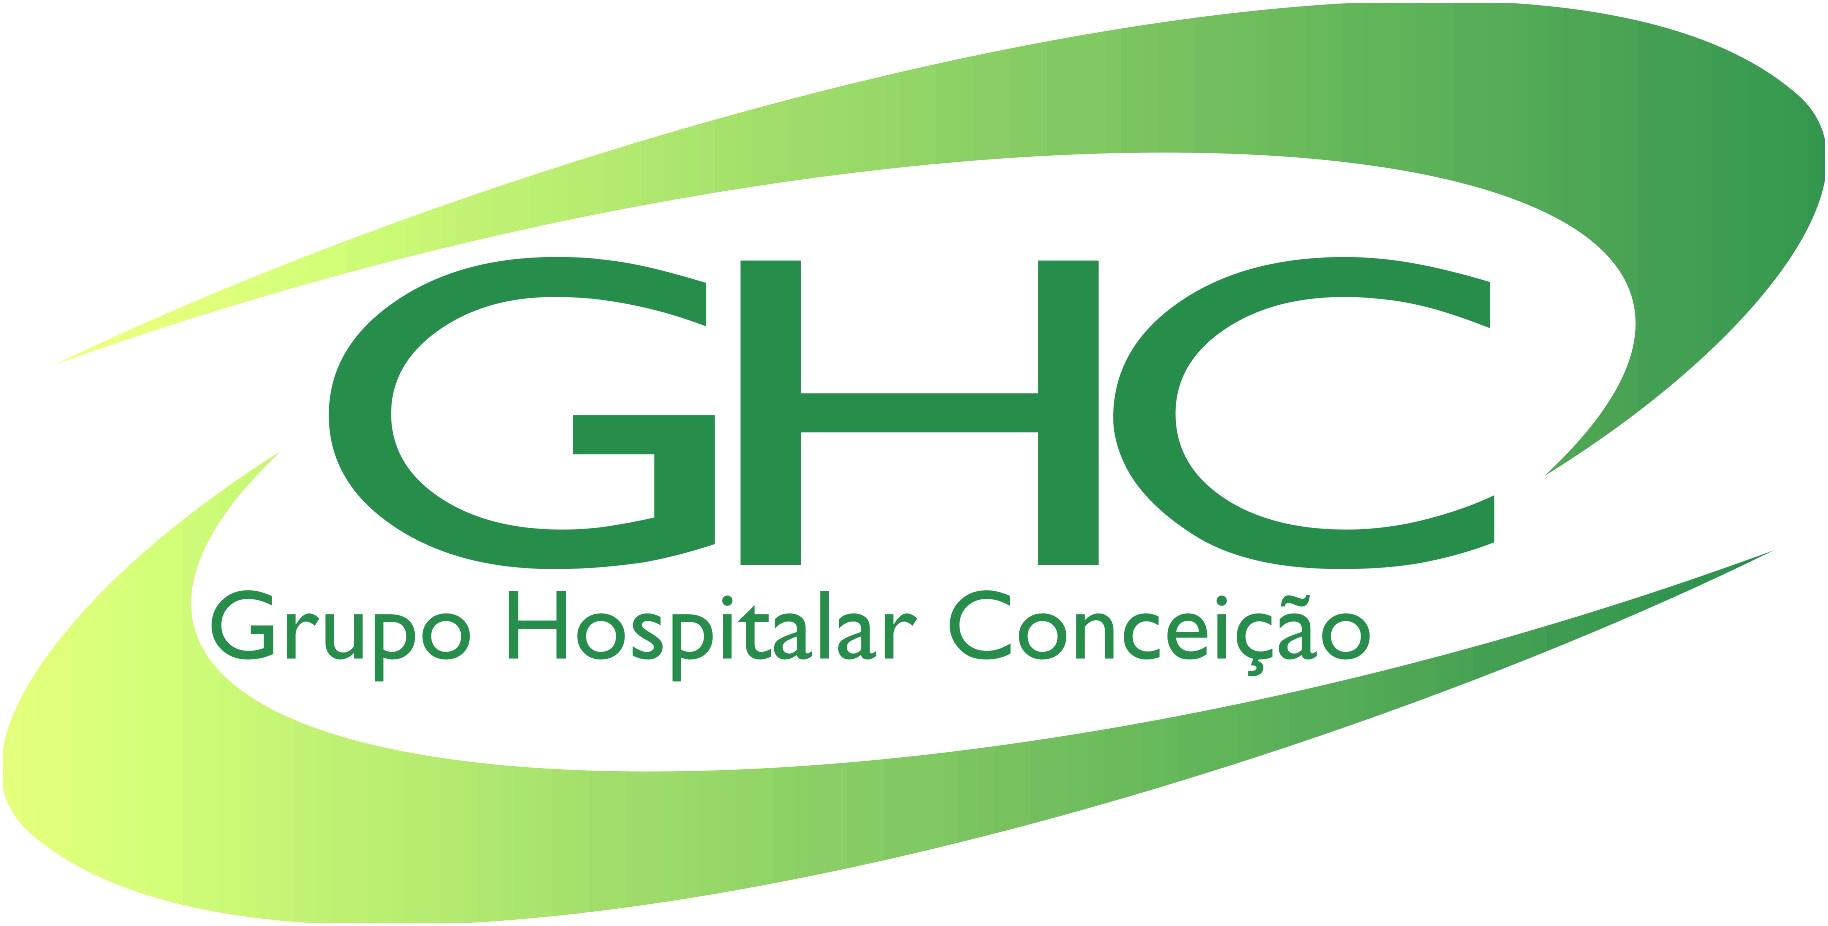 ghc-log